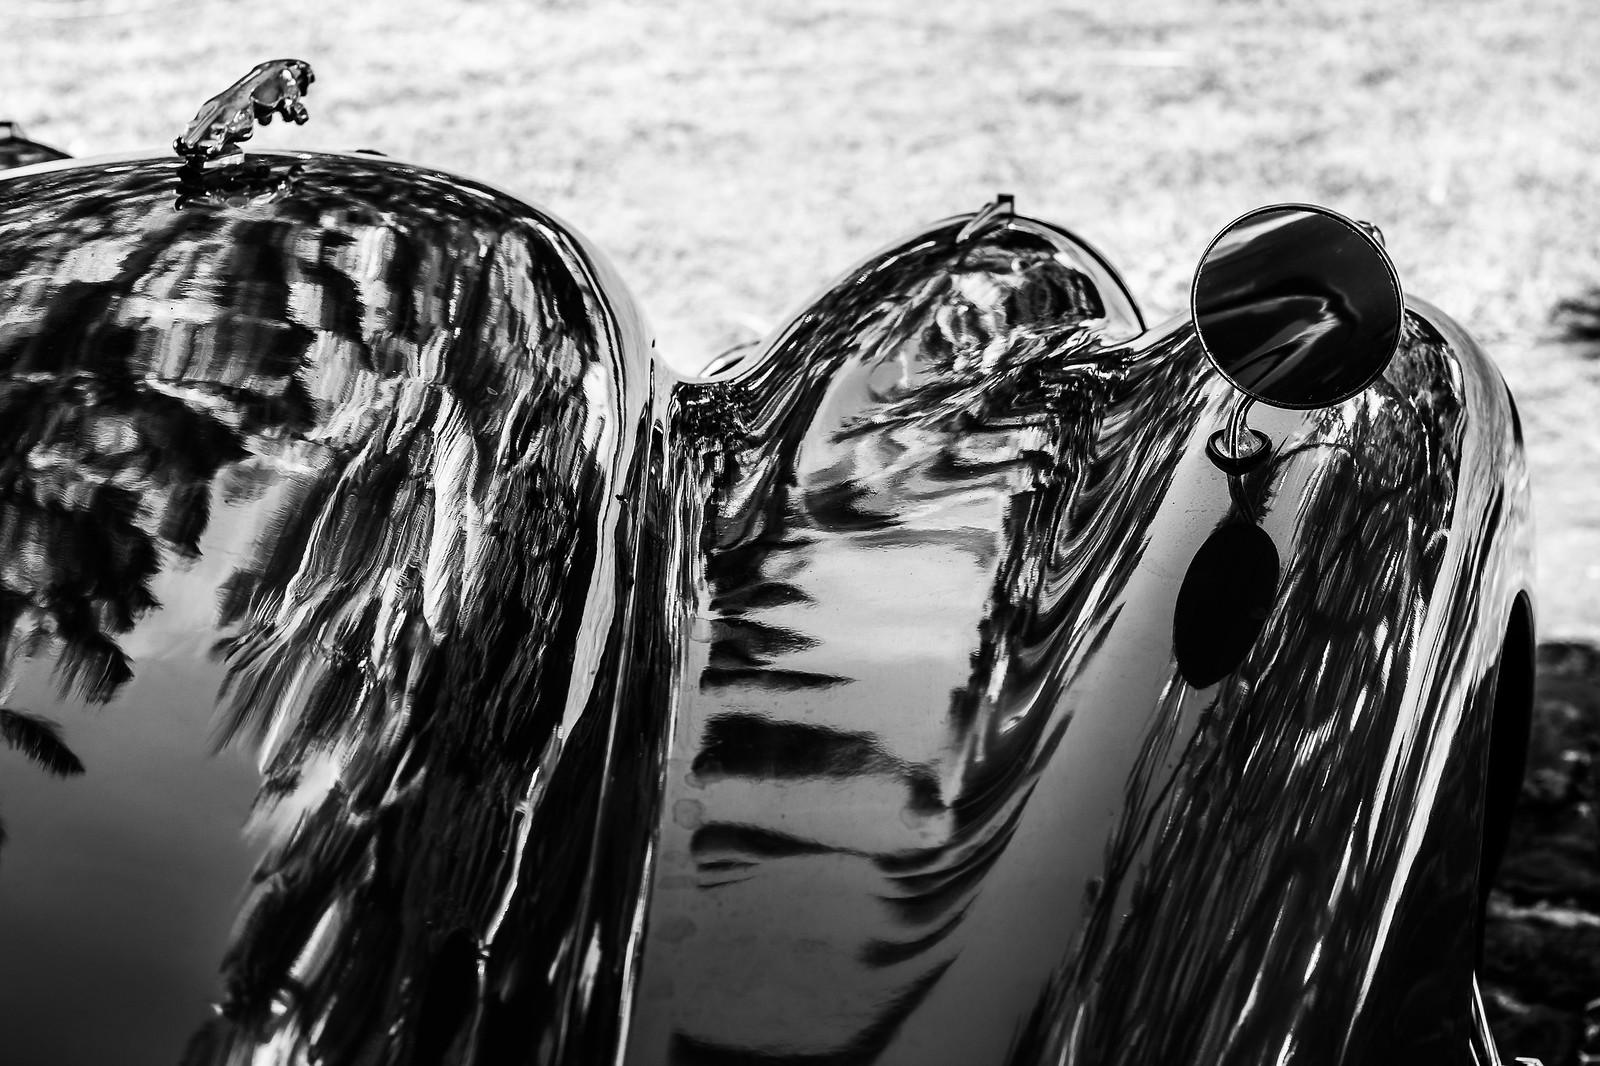 Reflets des palmiers Jaguar XK120 Roadster - Chez Tante Athalie - Mon Repos - Pamplemousses - Ile Maurice | by ric_burger